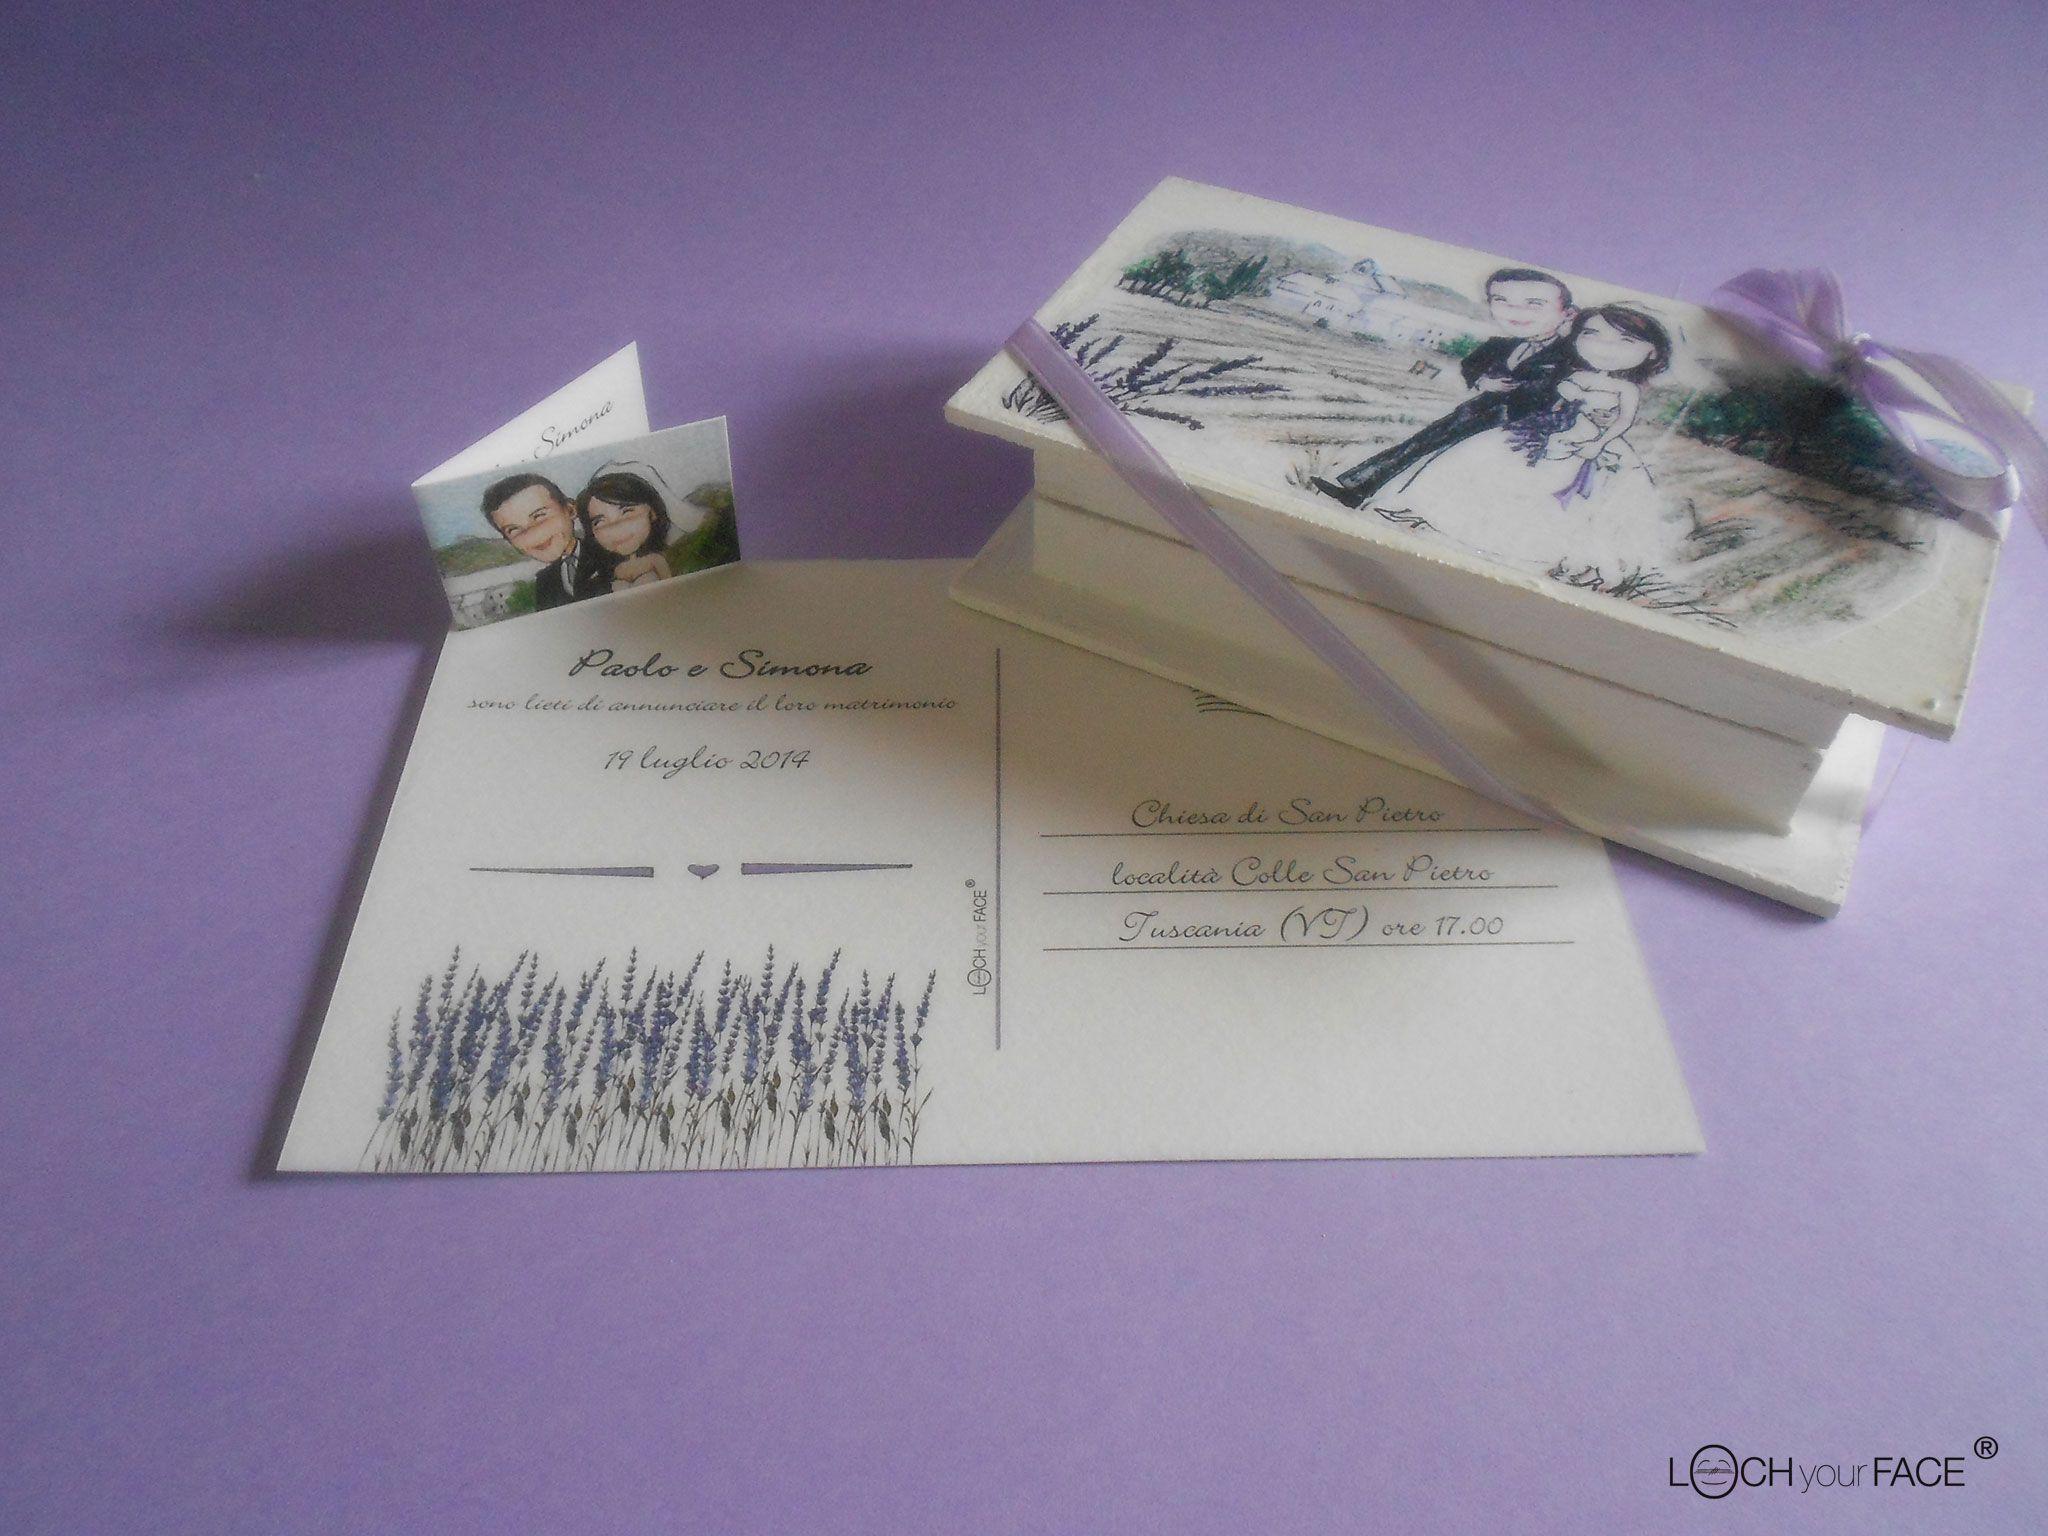 Un modo originale per gli inviti per il tuo matrimonio. #invitimatrimonio #matrimonio #inviticreativi www.lochyourface.it